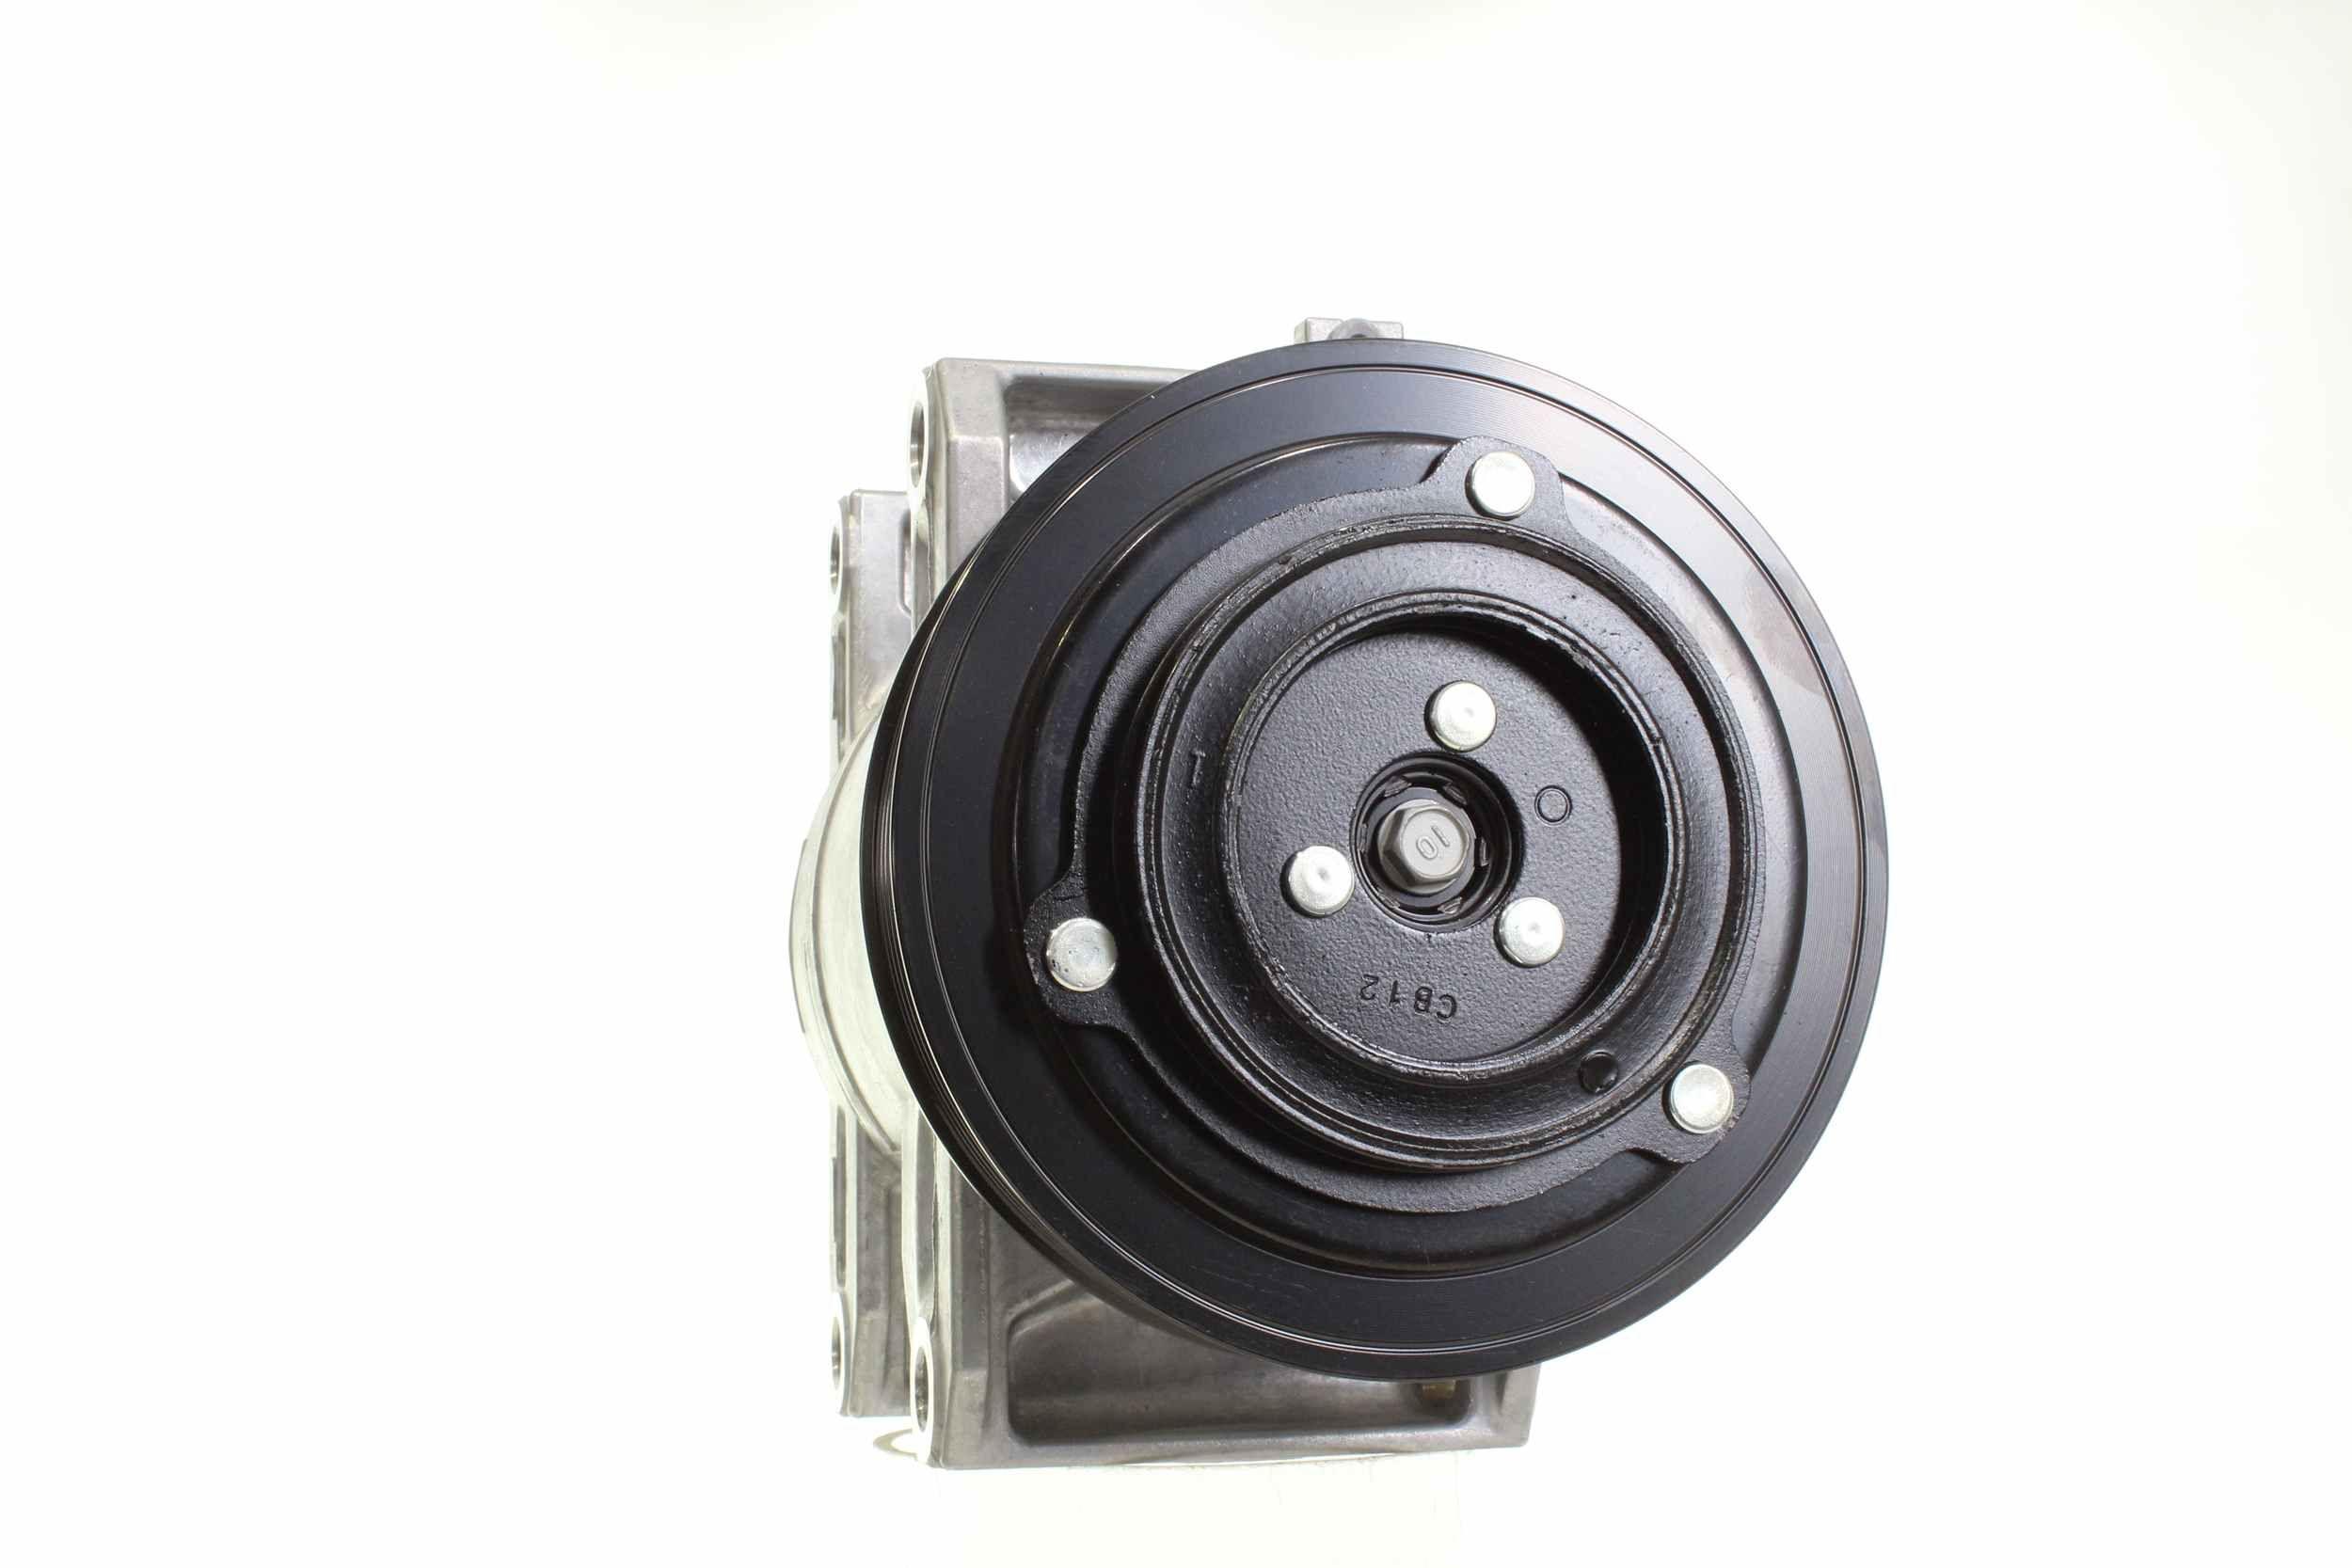 10550920 Kältemittelkompressor ALANKO Erfahrung